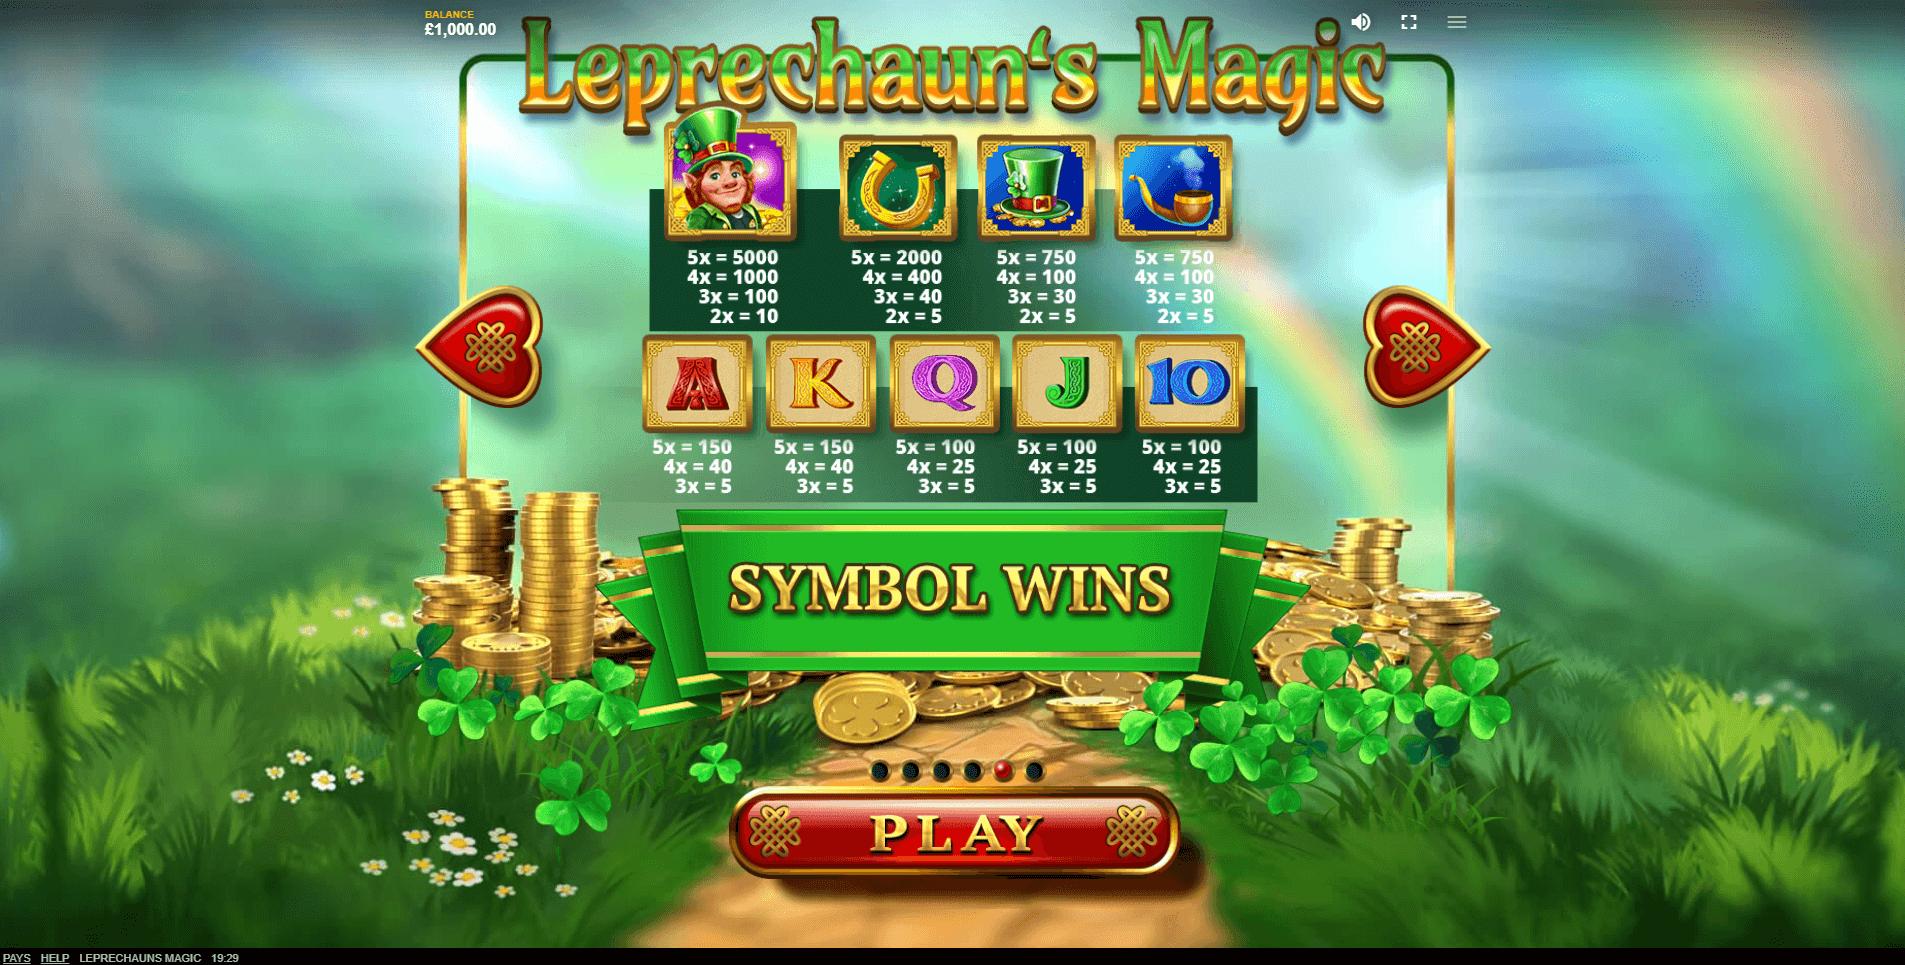 Leprechauns Magic Slot Machine